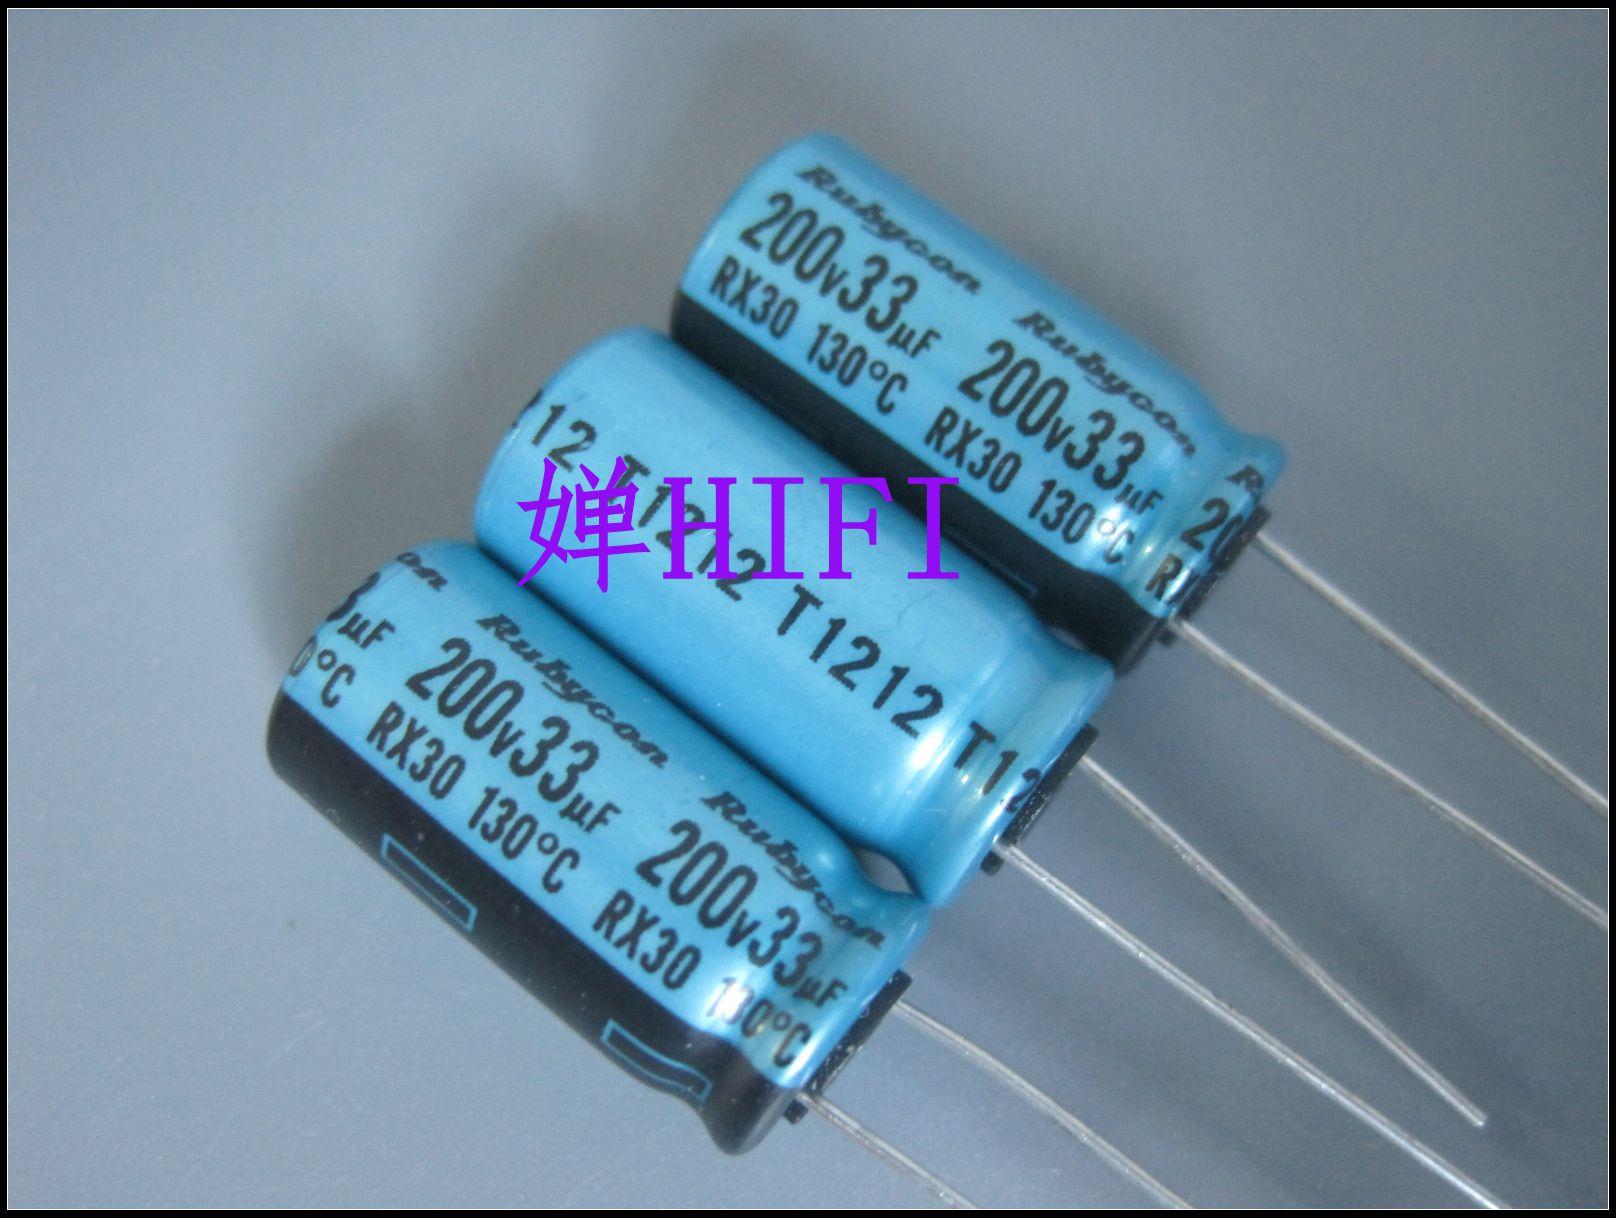 50 Uds nuevo RUBYCON RX30 200V33UF 10X20MM condensador electrolítico rx30 33 uF/200 V 130 grados 33UF 200V